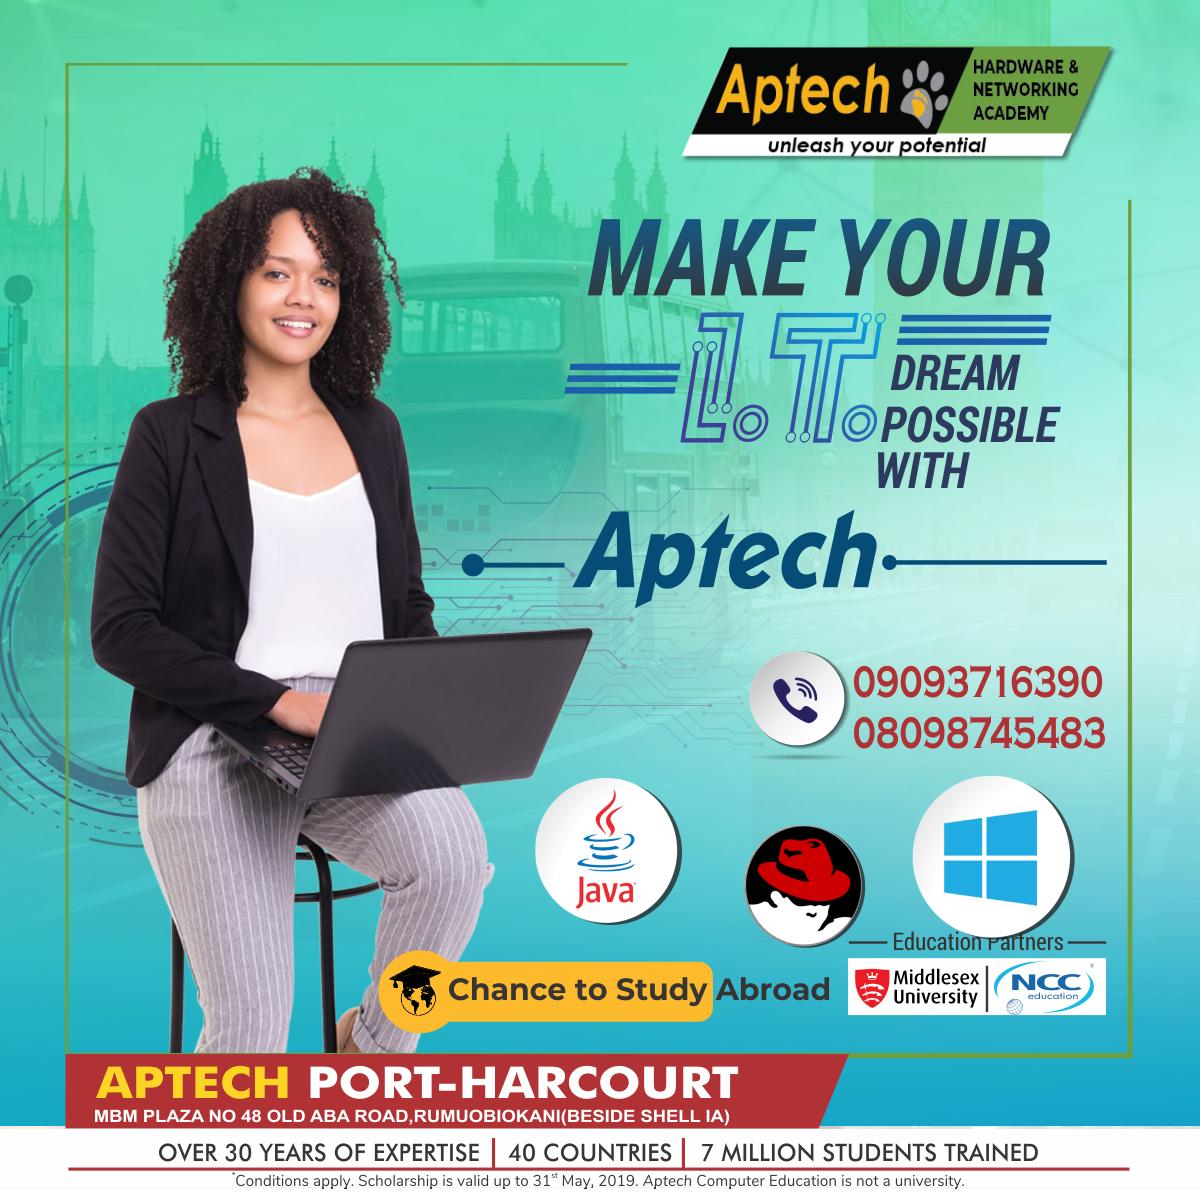 Aptech Port harcourt